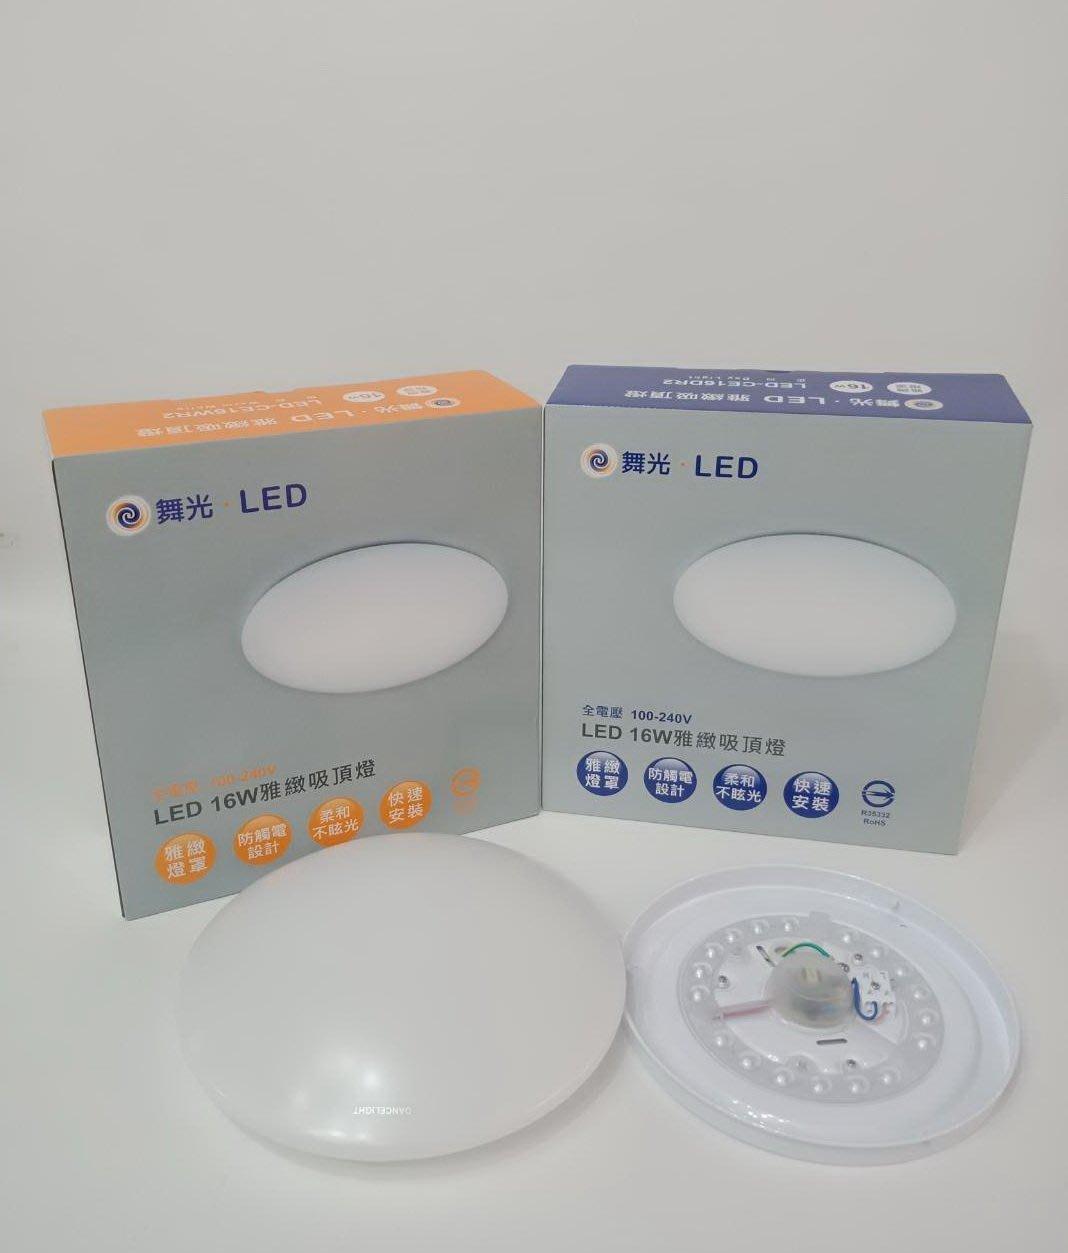 北歐時尚 舞光 LED 16W雅緻白吸頂燈(適用2-3坪)居家轉台玄關走道首選/防觸電裝置